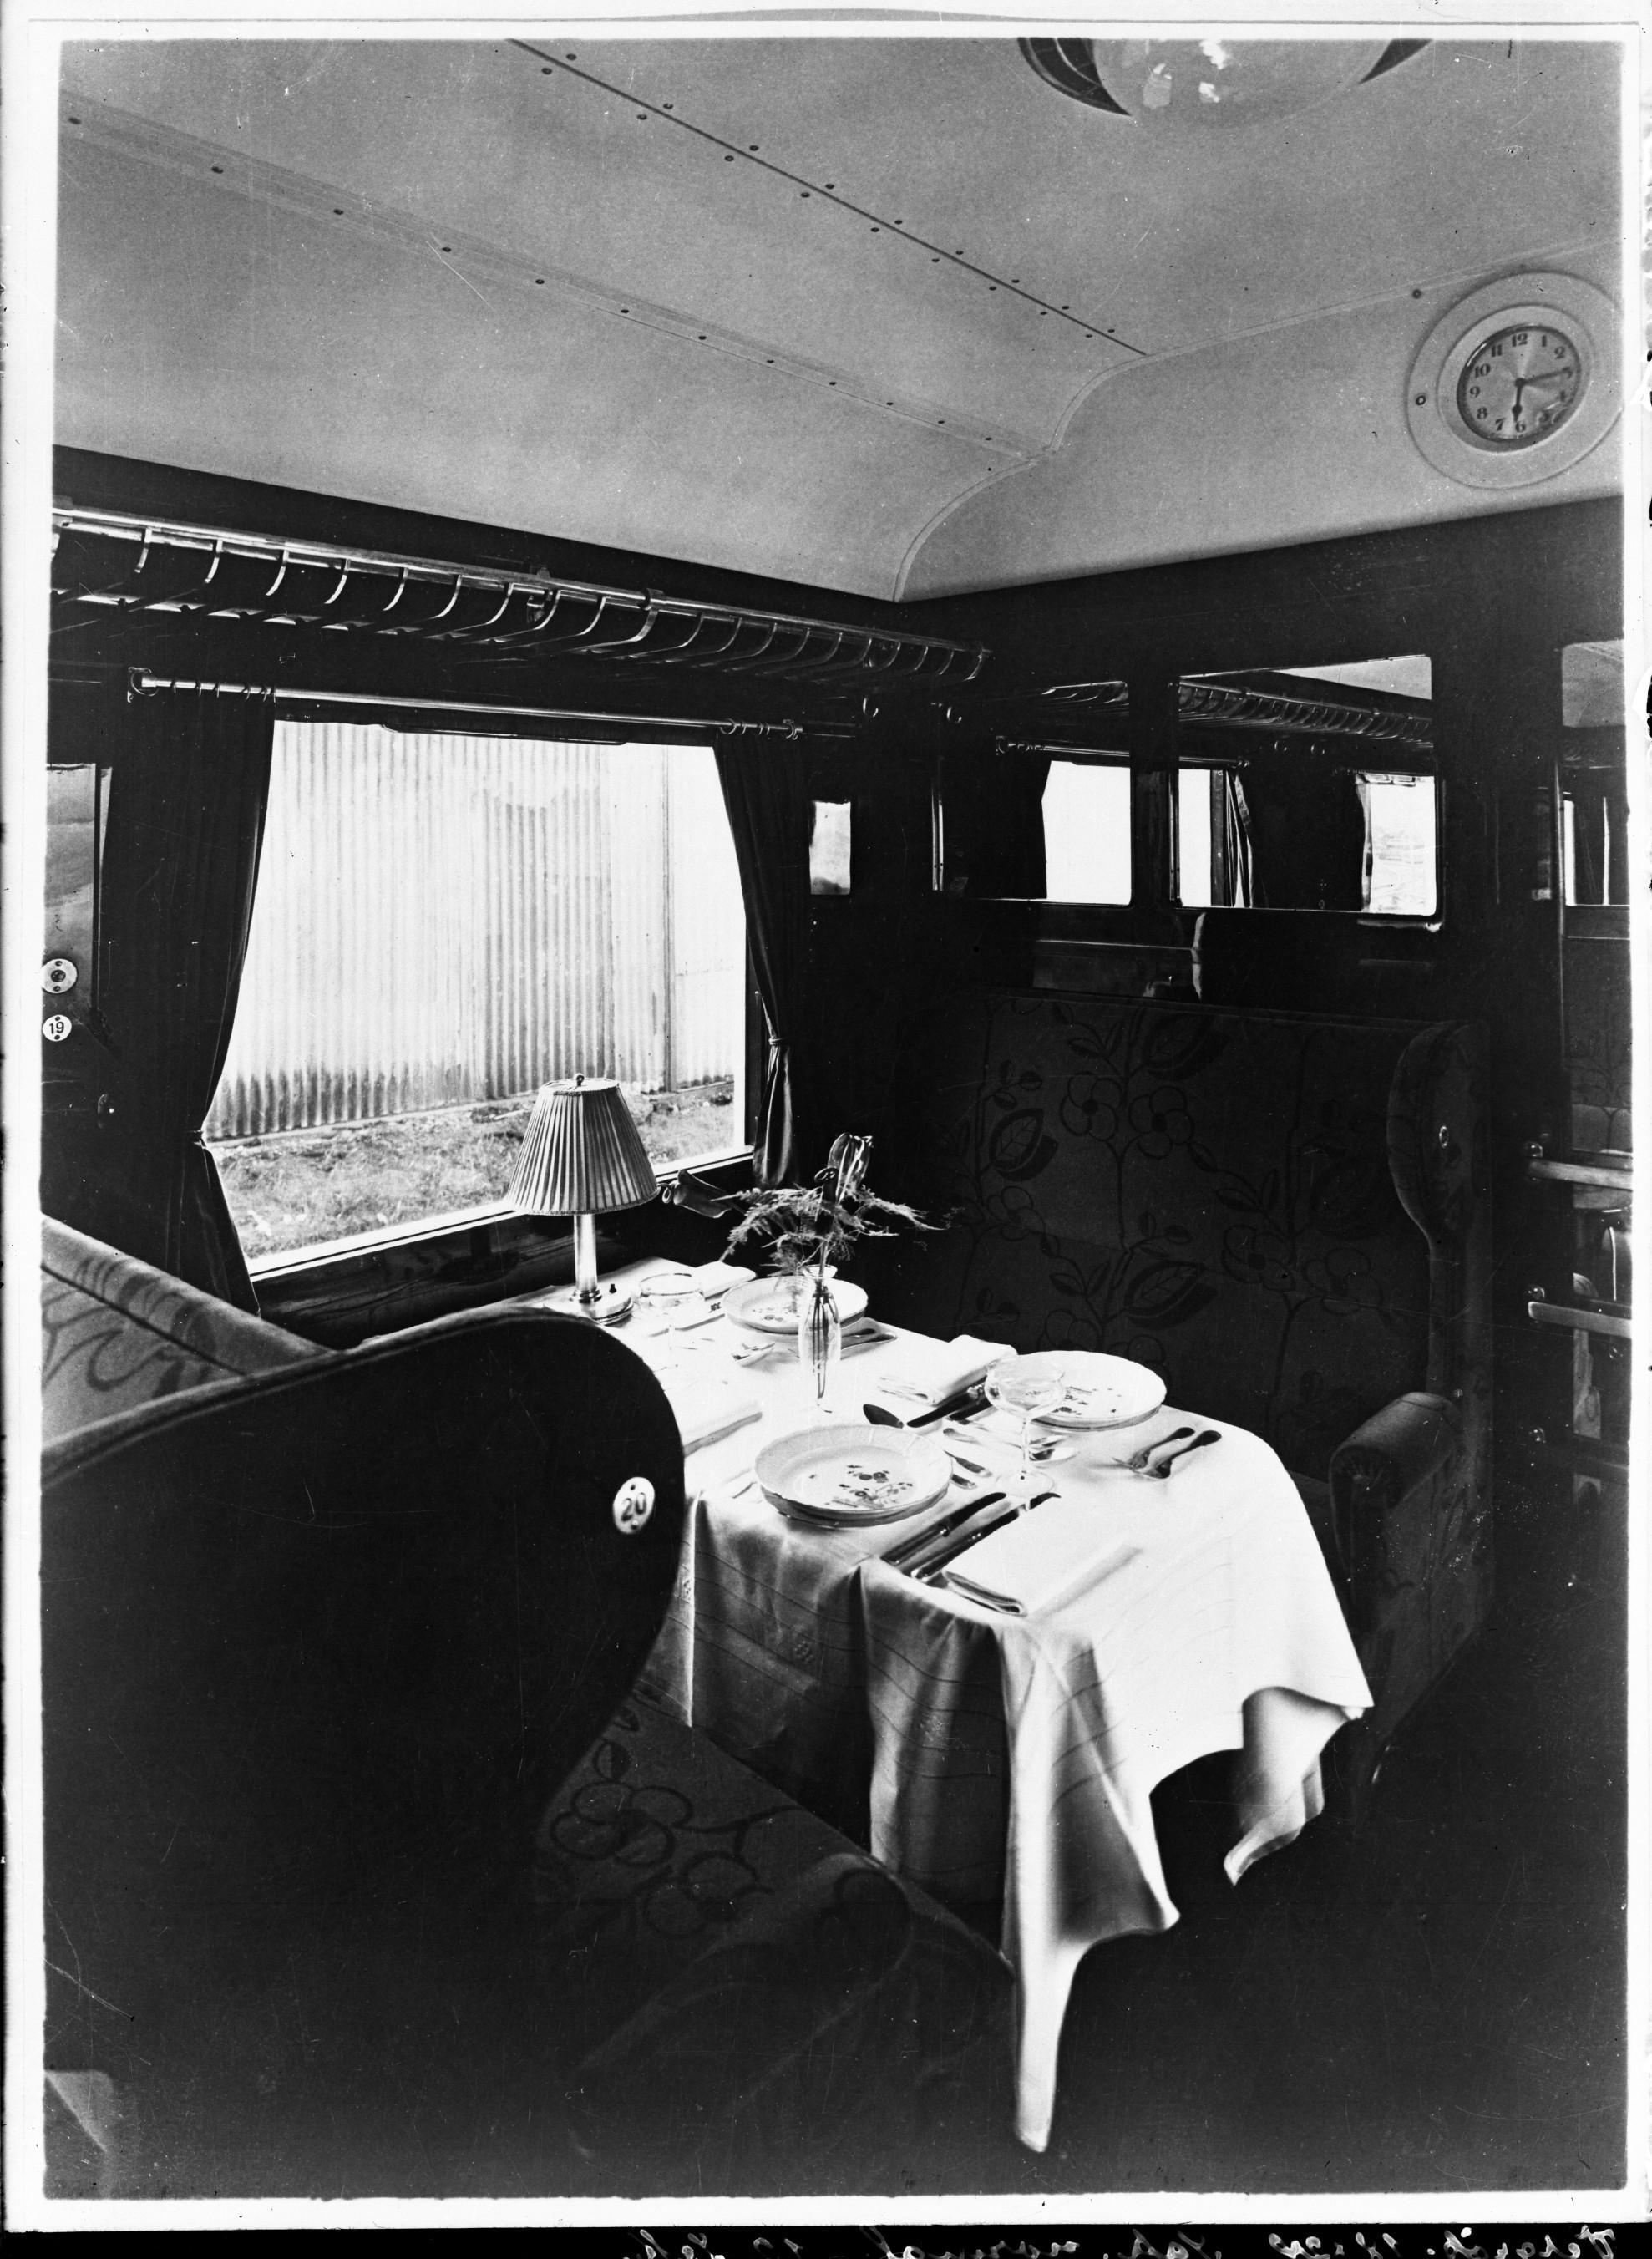 Rheingoldwagen, Speisewagen Sb 4ük, Nr. 24 507, 1. Klasse, Inneneinrichtung, 1928